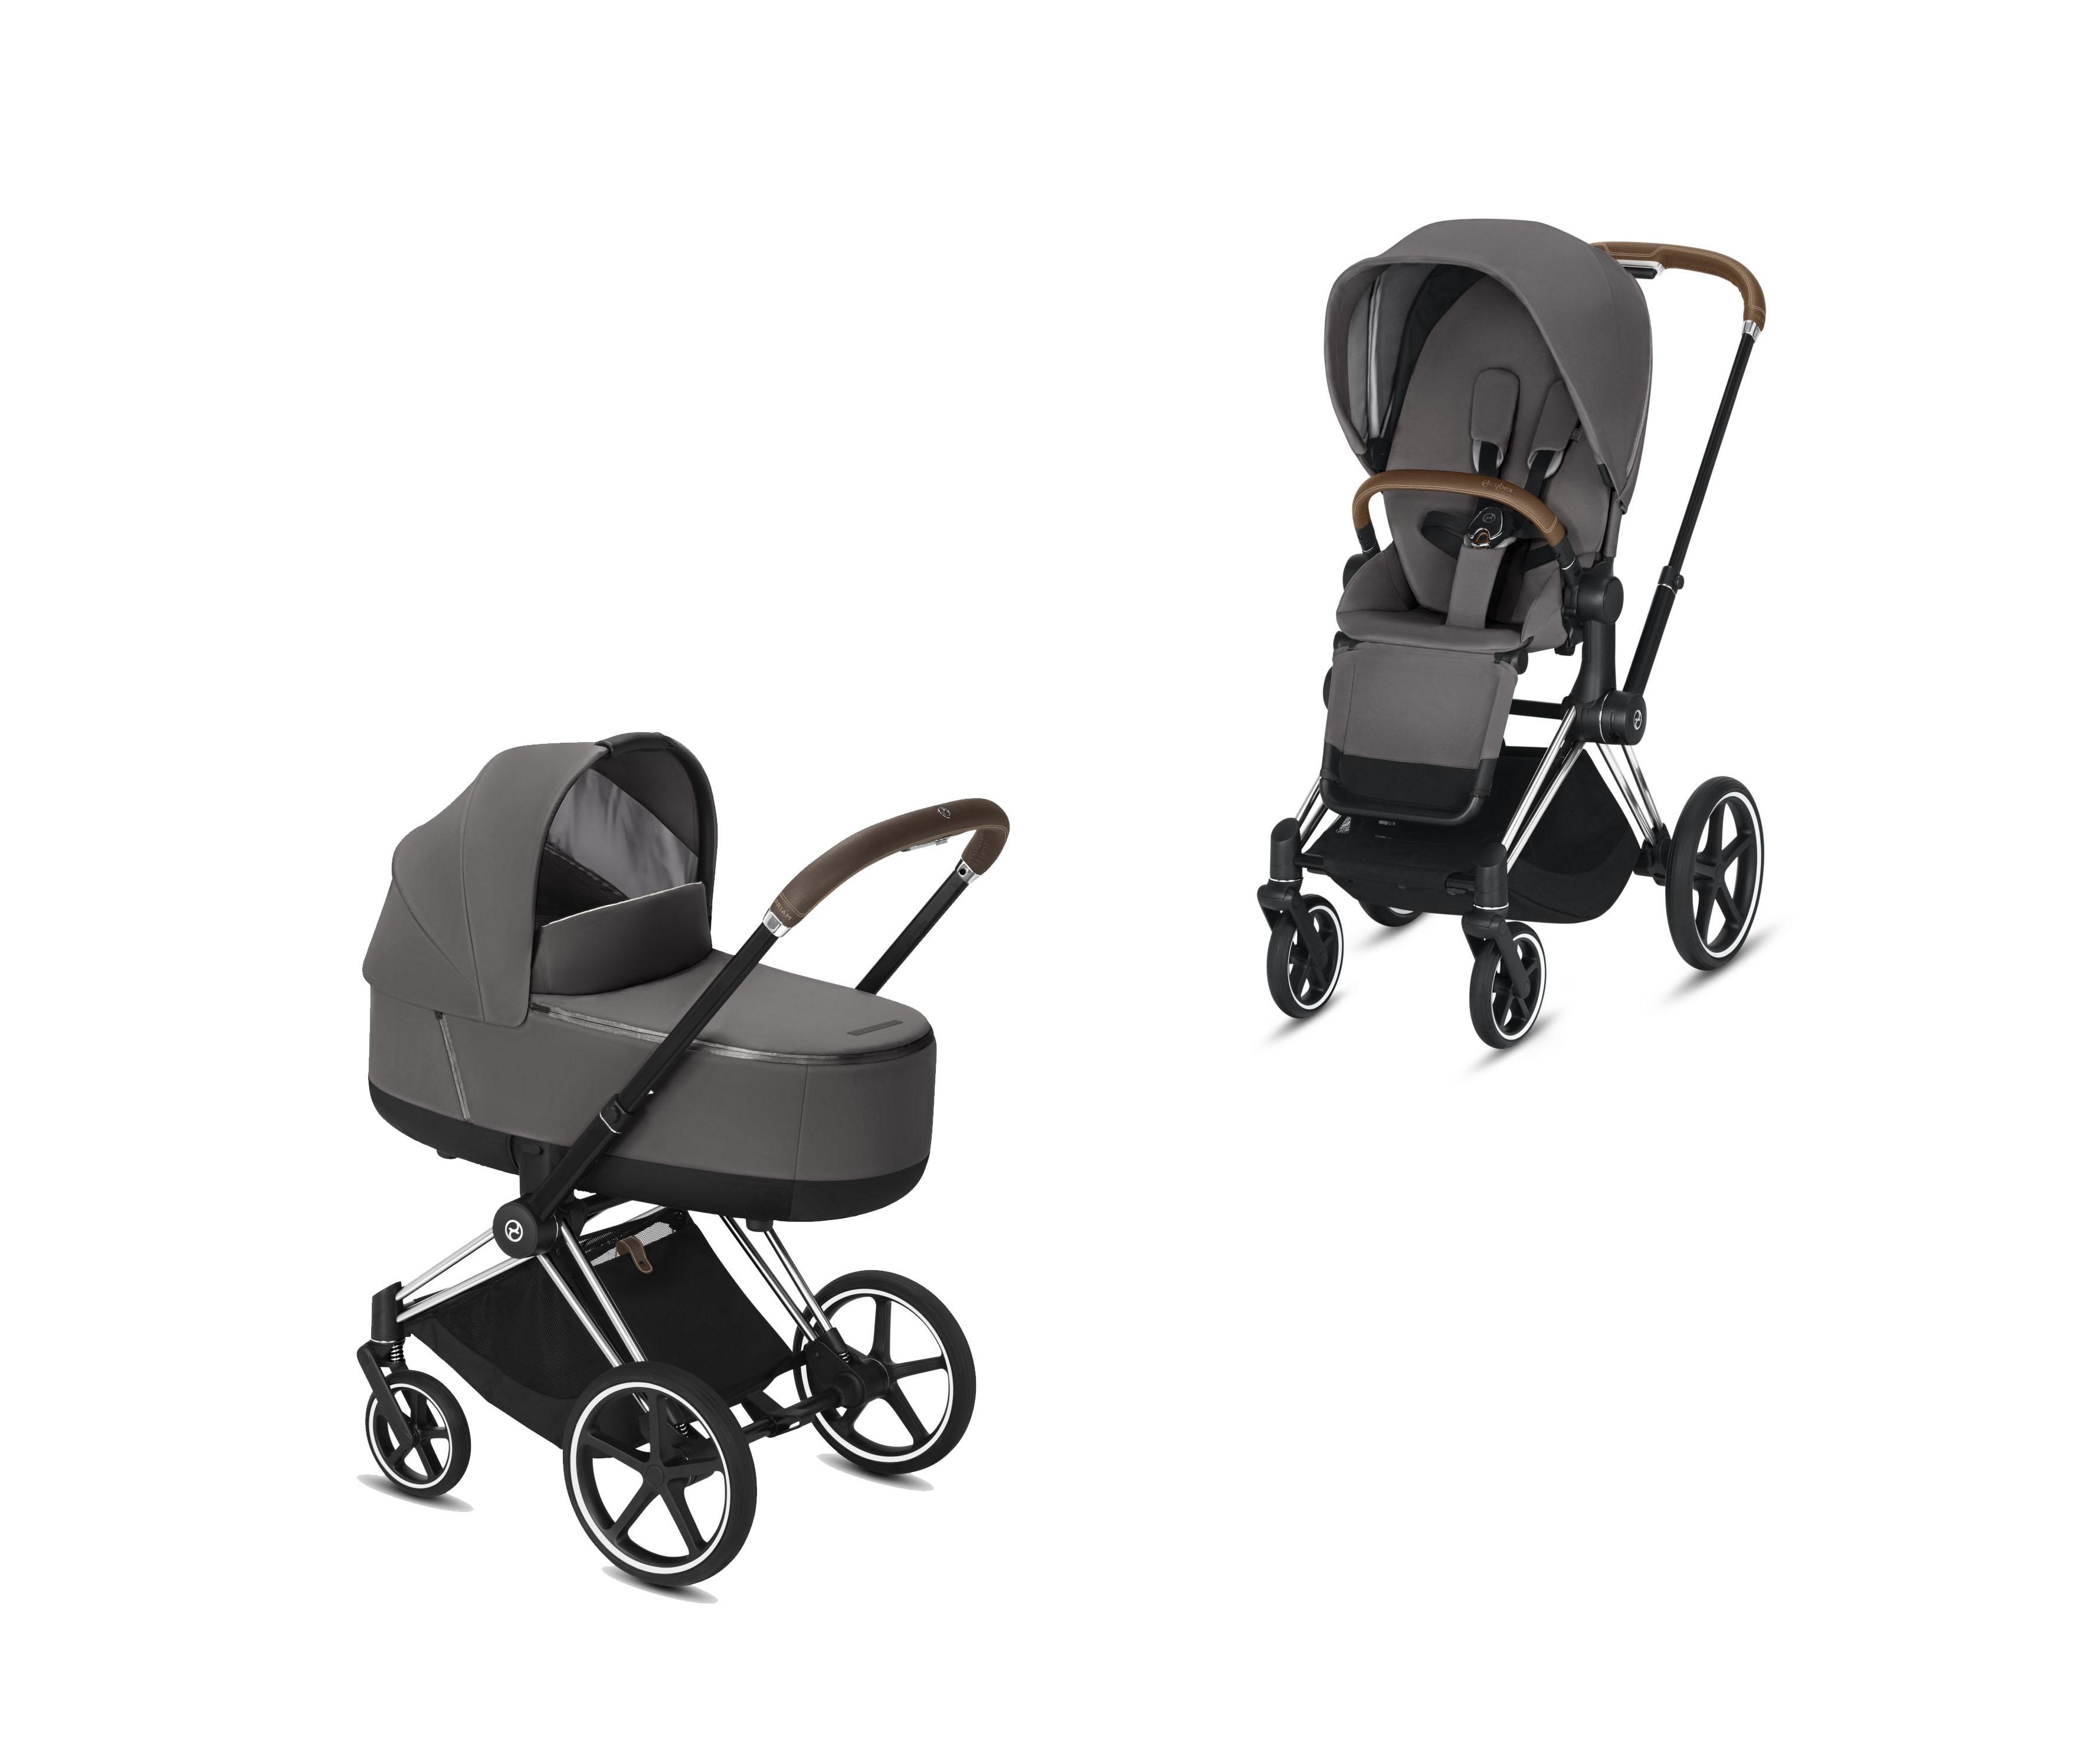 Cybex Platinum Priam Chrome Brown Inkl Lux Sitz Und Babywanne Manhattan Grey Solange Vorrat Reicht Baby Fachmarkt Fur Babyausstattung Gmbh